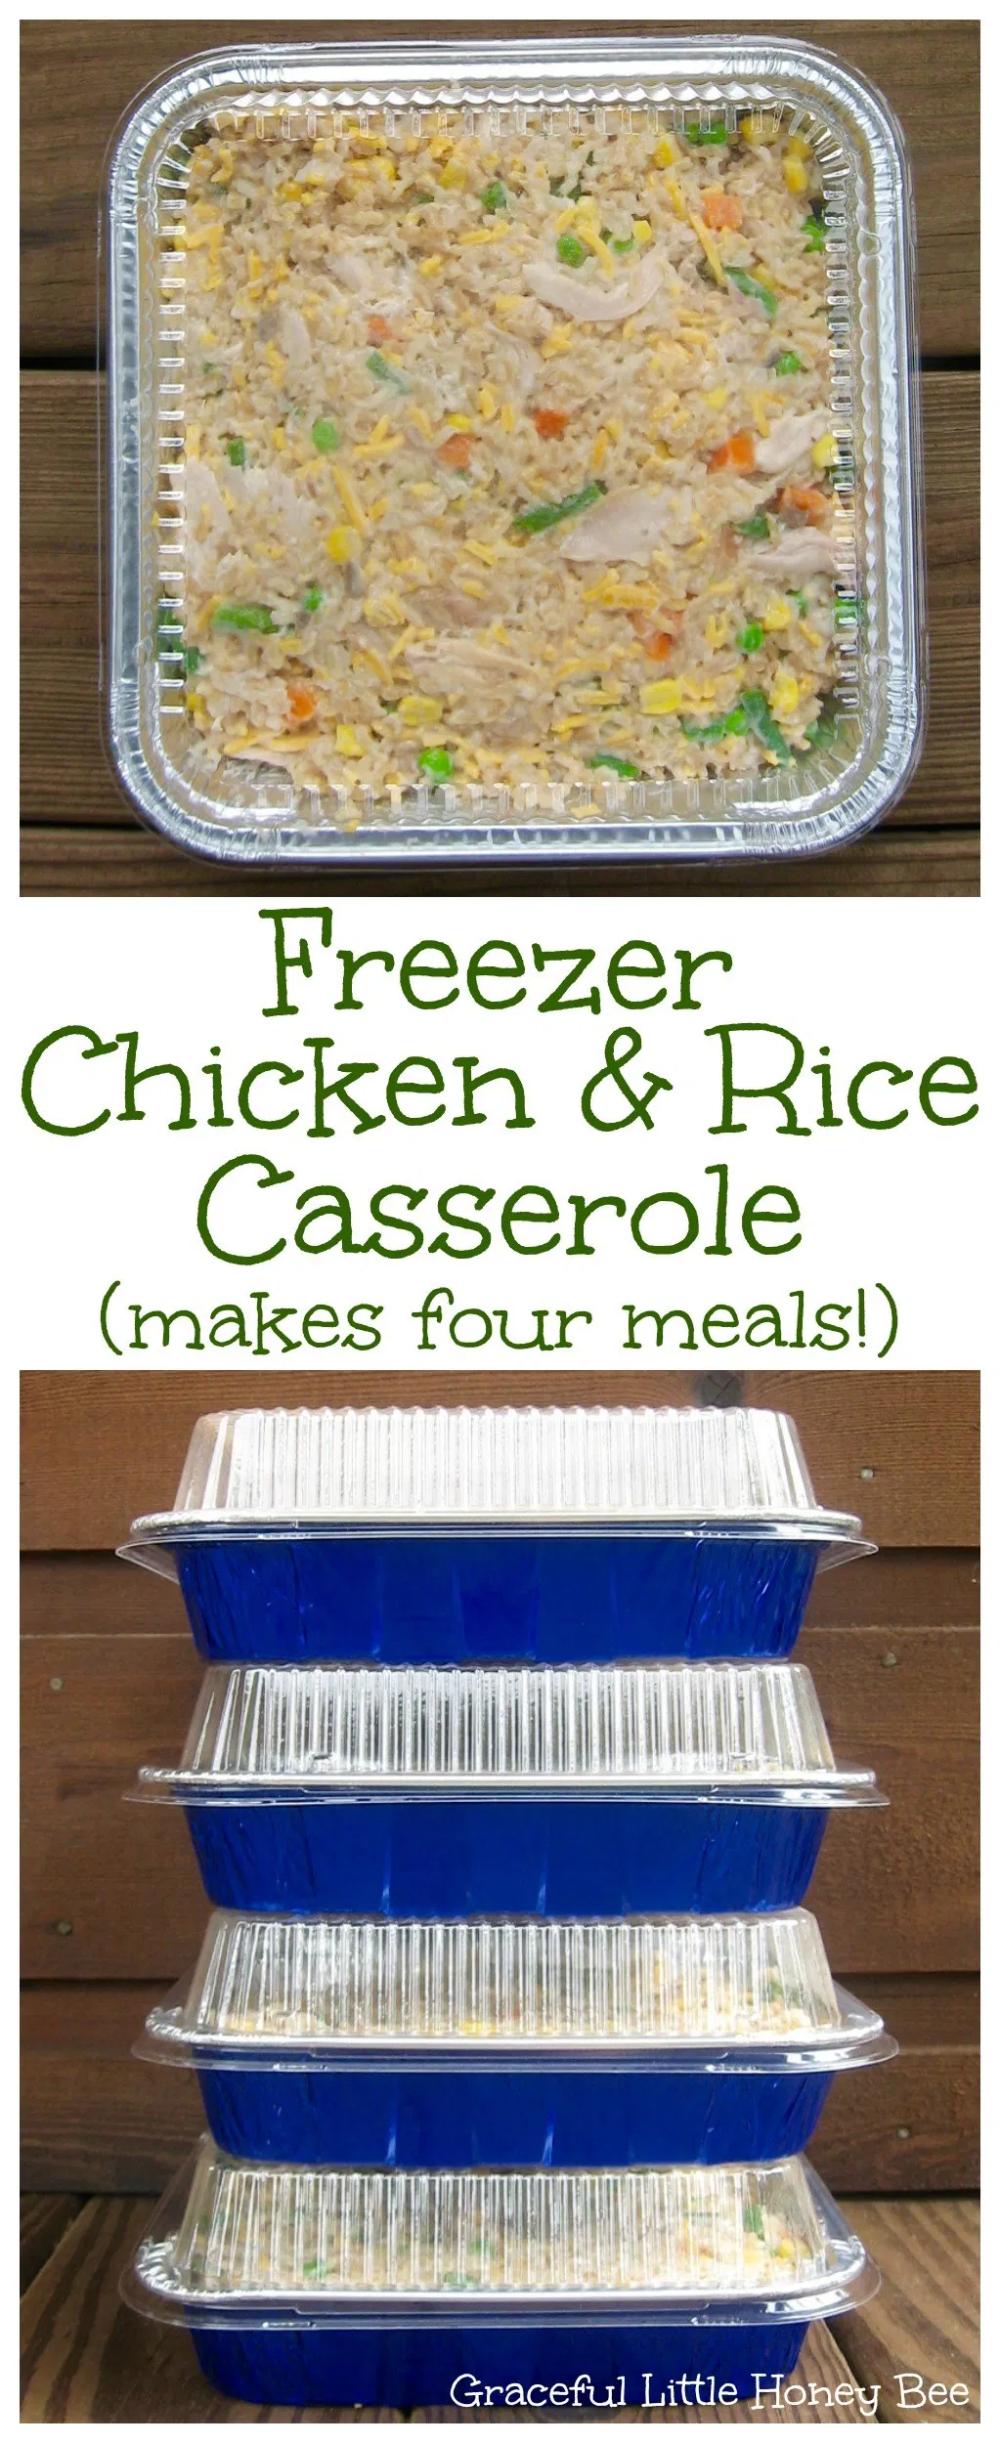 Freezer Chicken & Rice Casserole